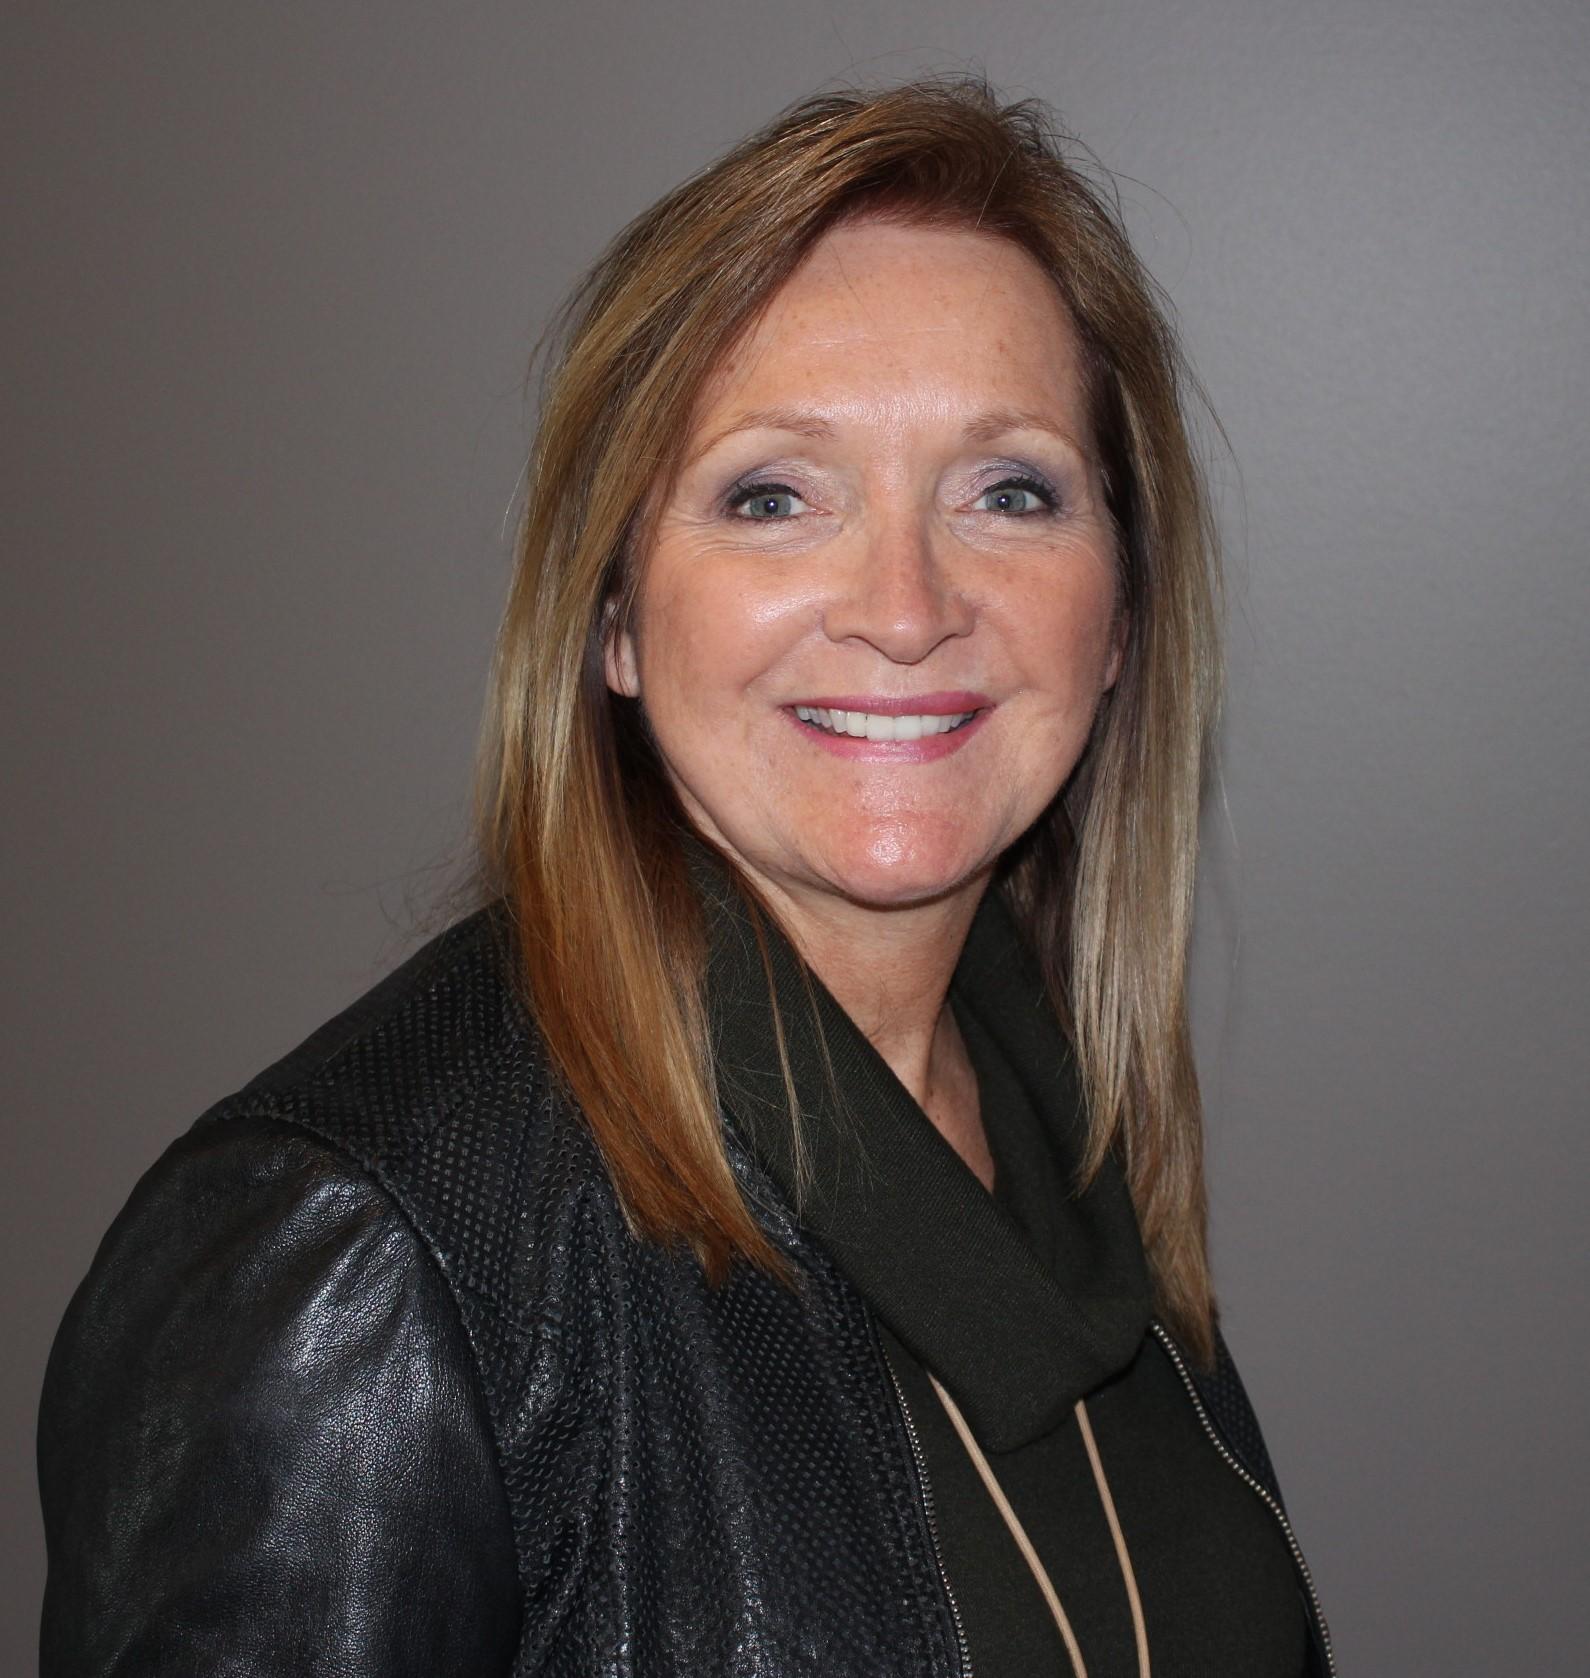 Teresa Van Raay